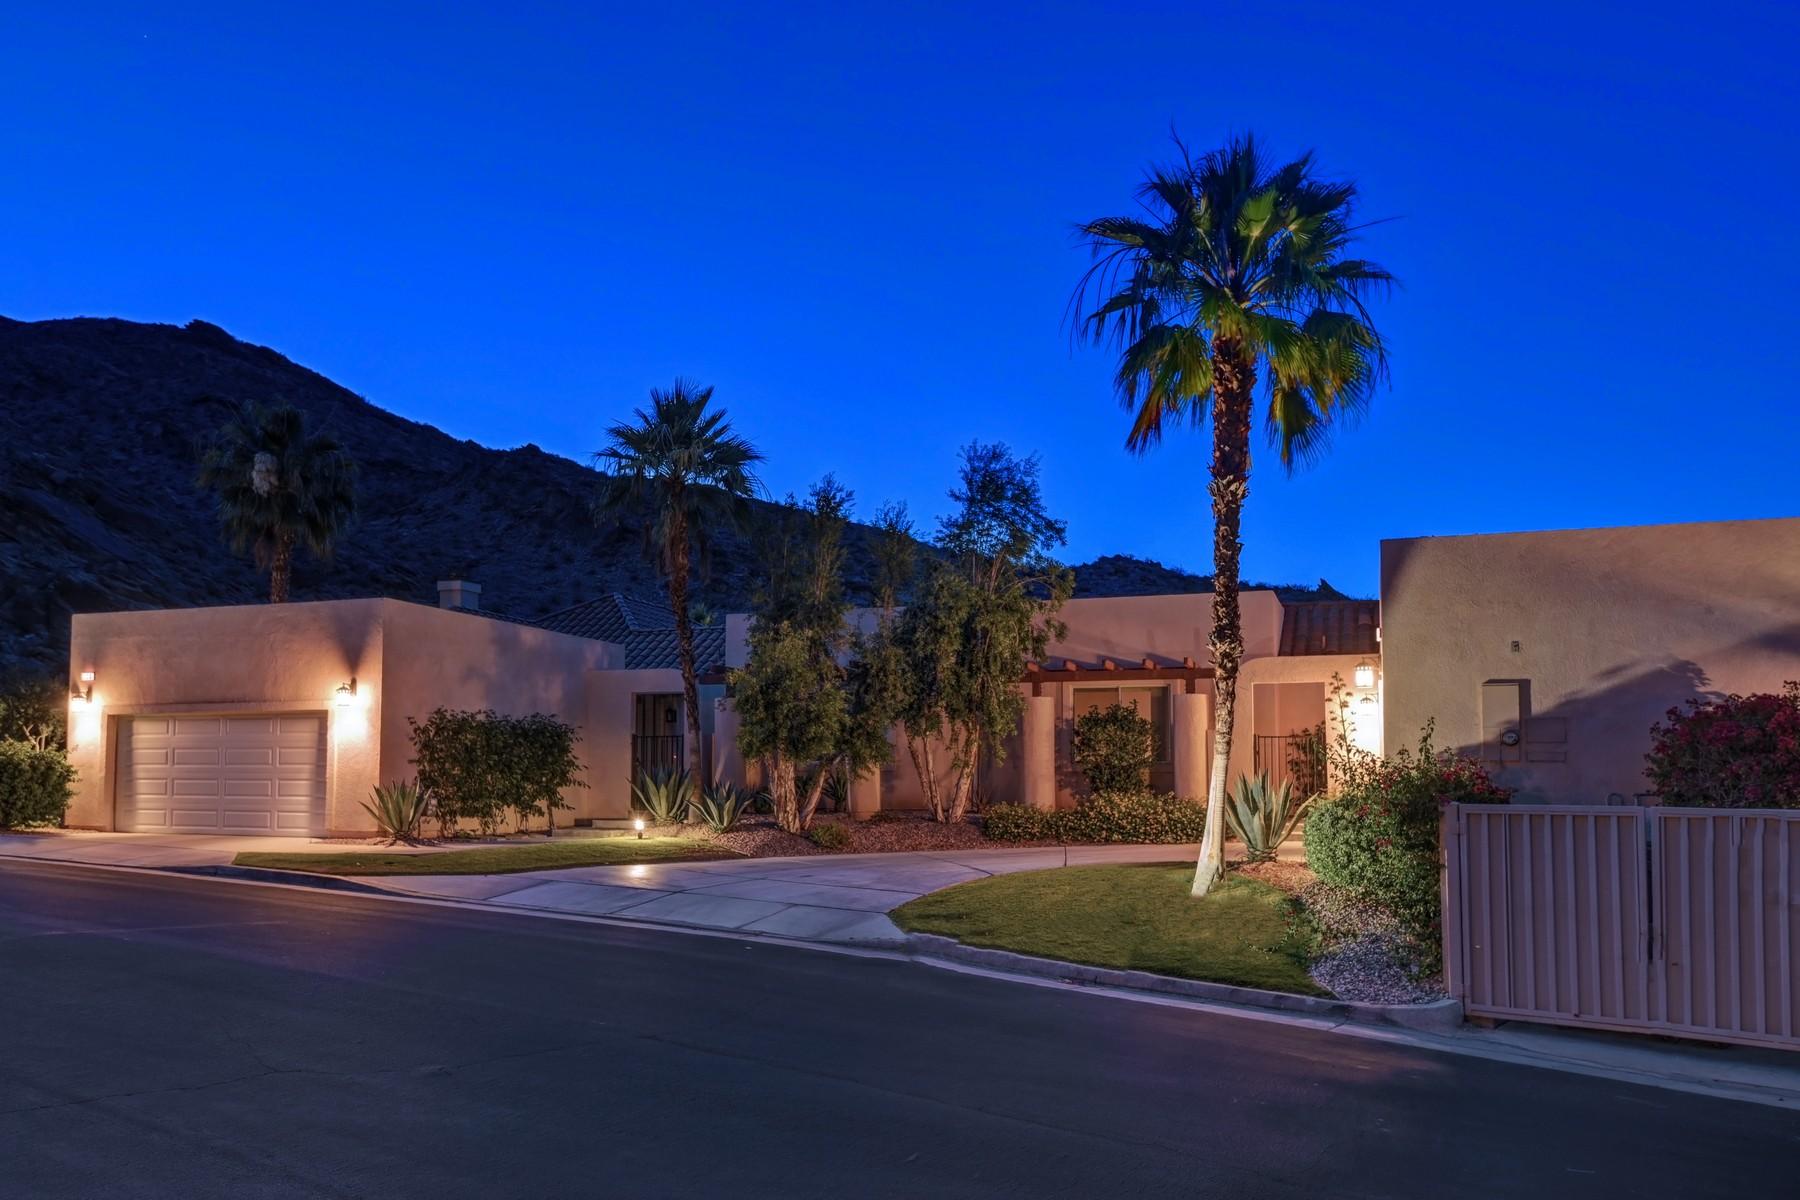 共管式独立产权公寓 为 销售 在 224 Canyon Circle 棕榈泉, 加利福尼亚州, 92264 美国